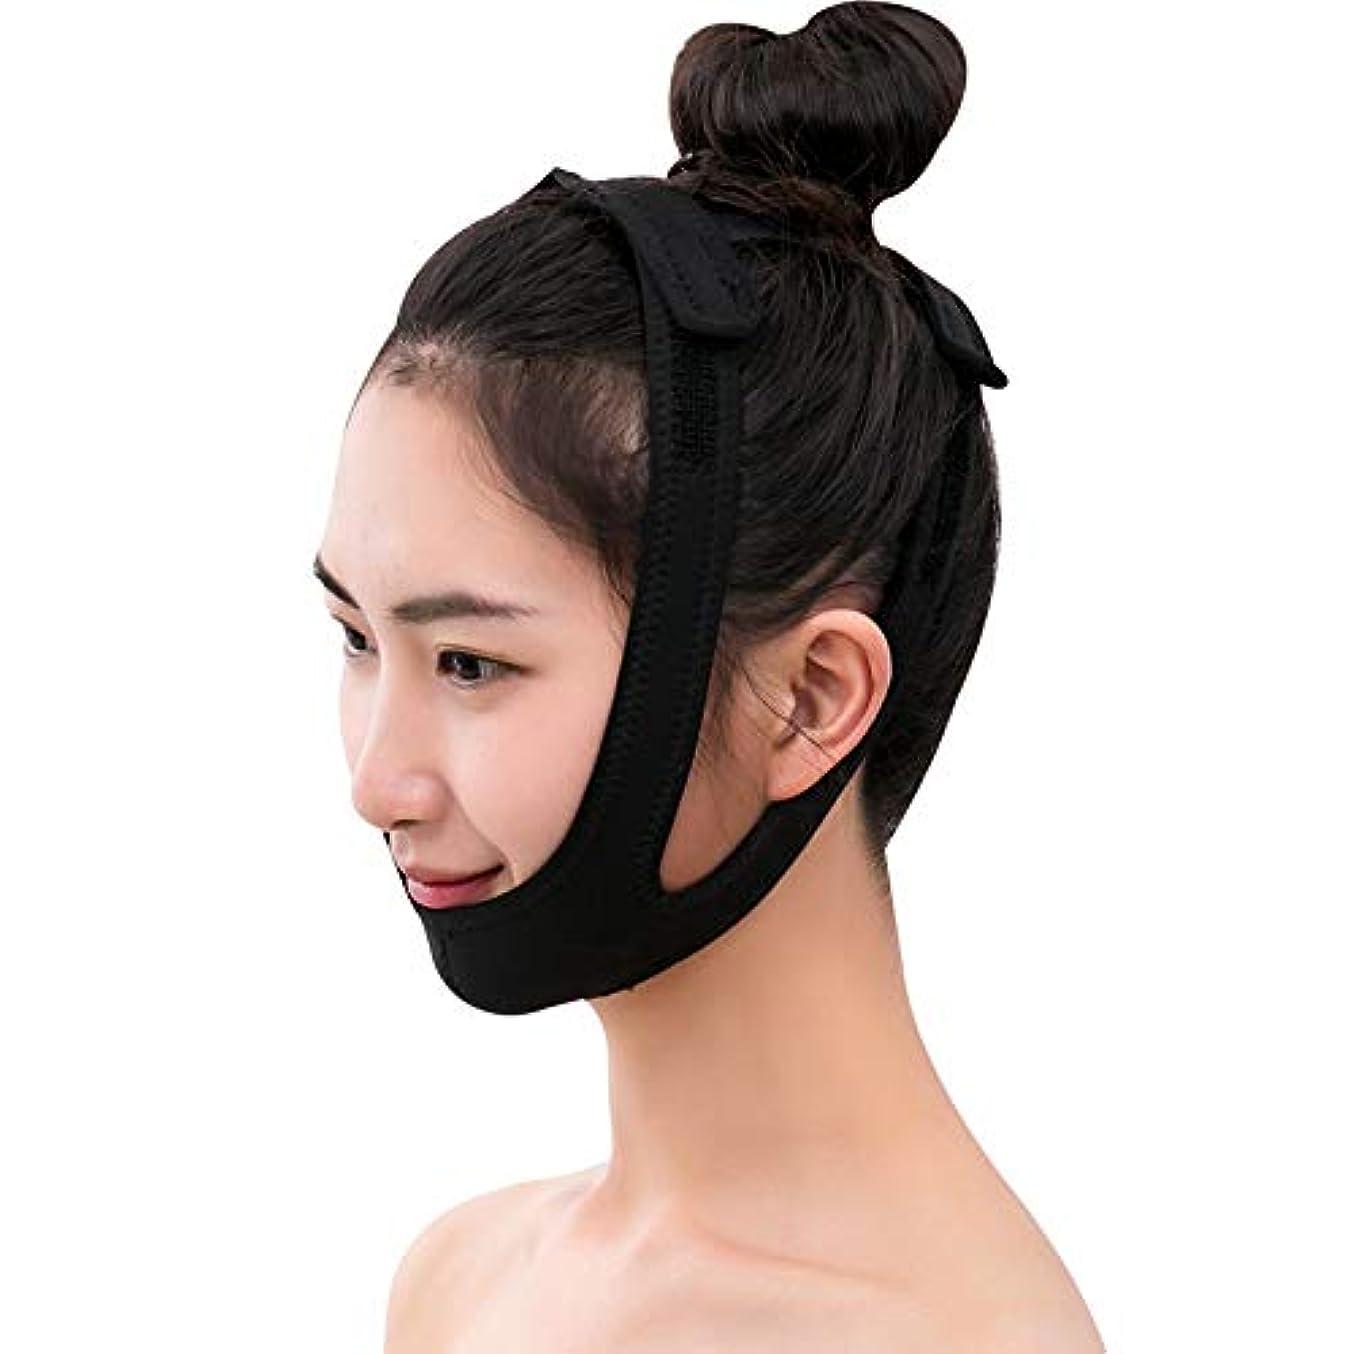 取り消すのり降下薄いフェイスバンド - 薄い顔の包帯ビューティーインストゥルメントフェイシャルリフト睡眠マスク法Vフェイスマスクの通気性を作る